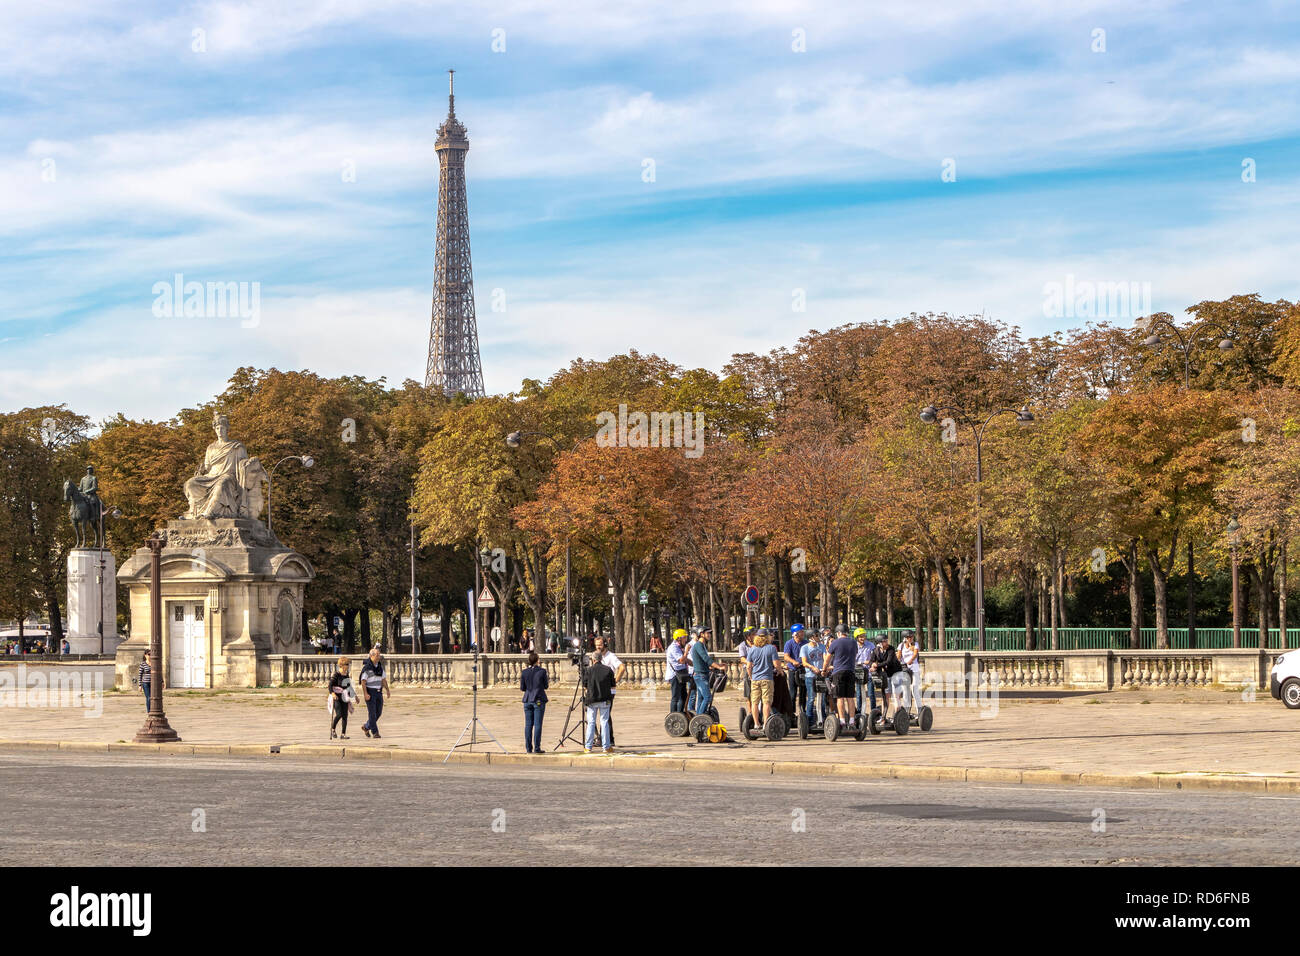 Un groupe d'équitation Segway un reste sur la Place de la concorde avec la Tour Eiffel au loin ,Paris ,France Banque D'Images